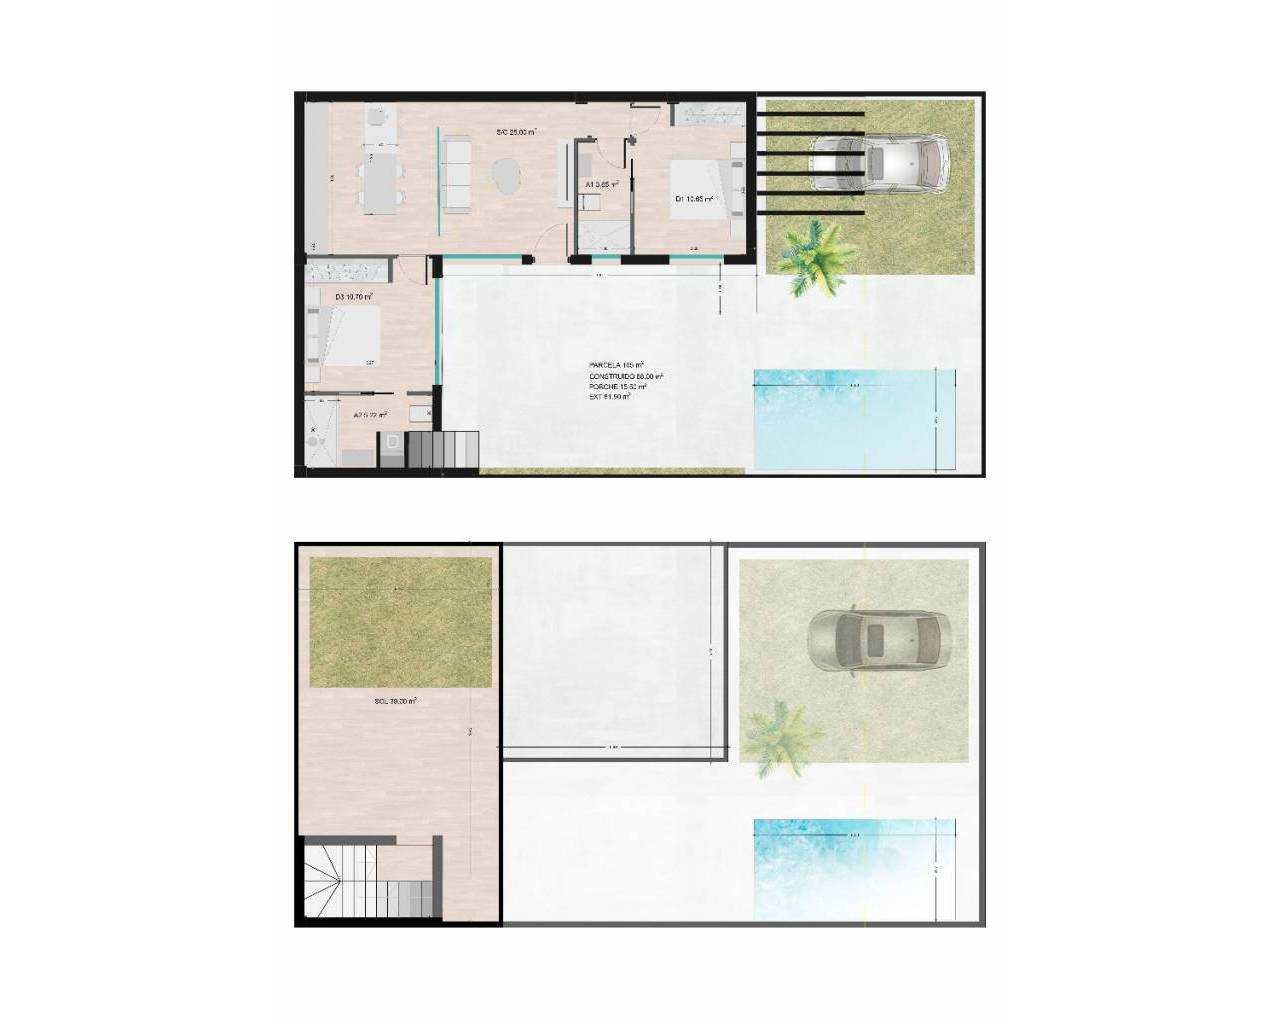 nieuwbouw-half-vrijstaande-villa-roldan_5748_xl